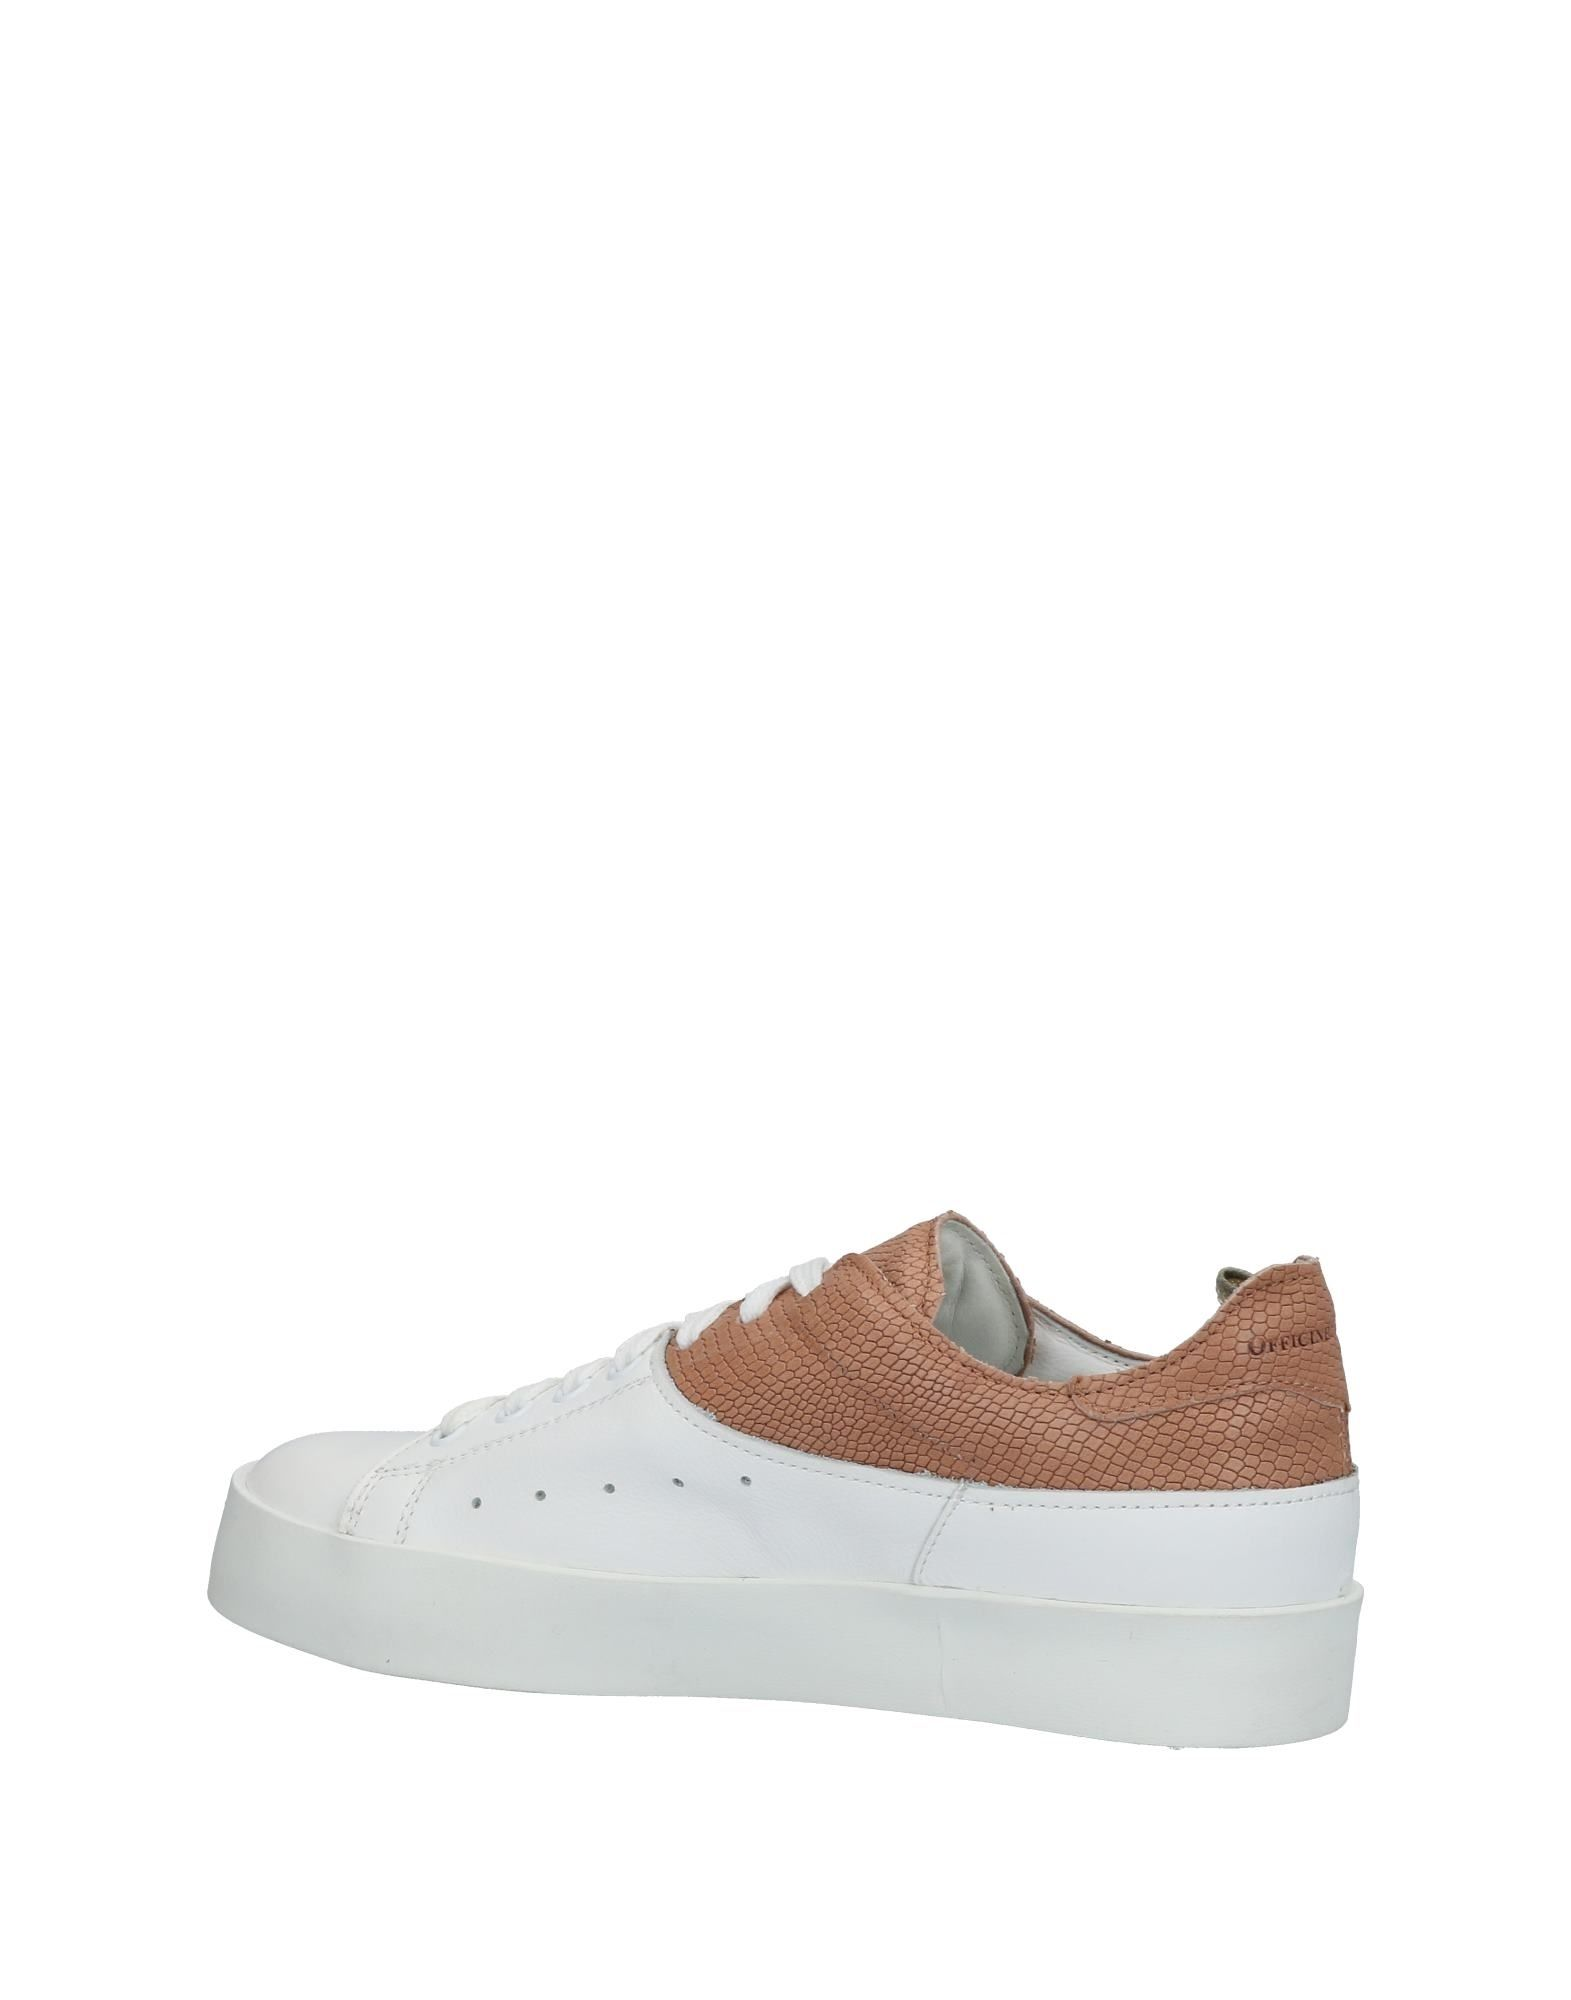 Officine Italia Creative Italia Officine Sneakers Damen Gutes Preis-Leistungs-Verhältnis, es lohnt sich 0212e1